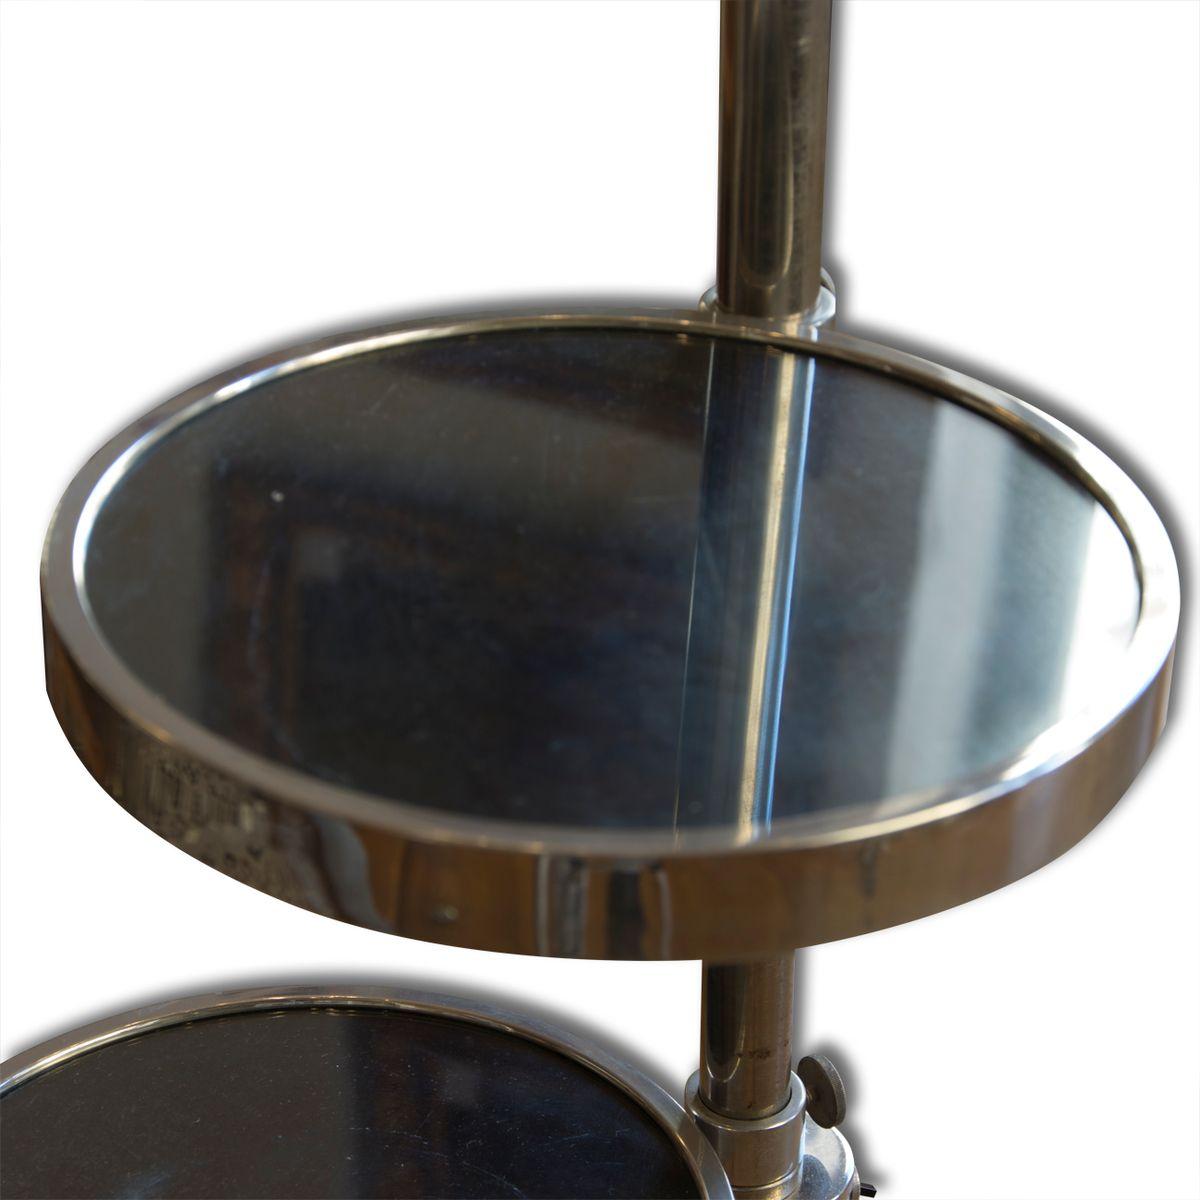 tschechische bauhaus stehlampe mit lautsprecher 1930er bei pamono kaufen. Black Bedroom Furniture Sets. Home Design Ideas